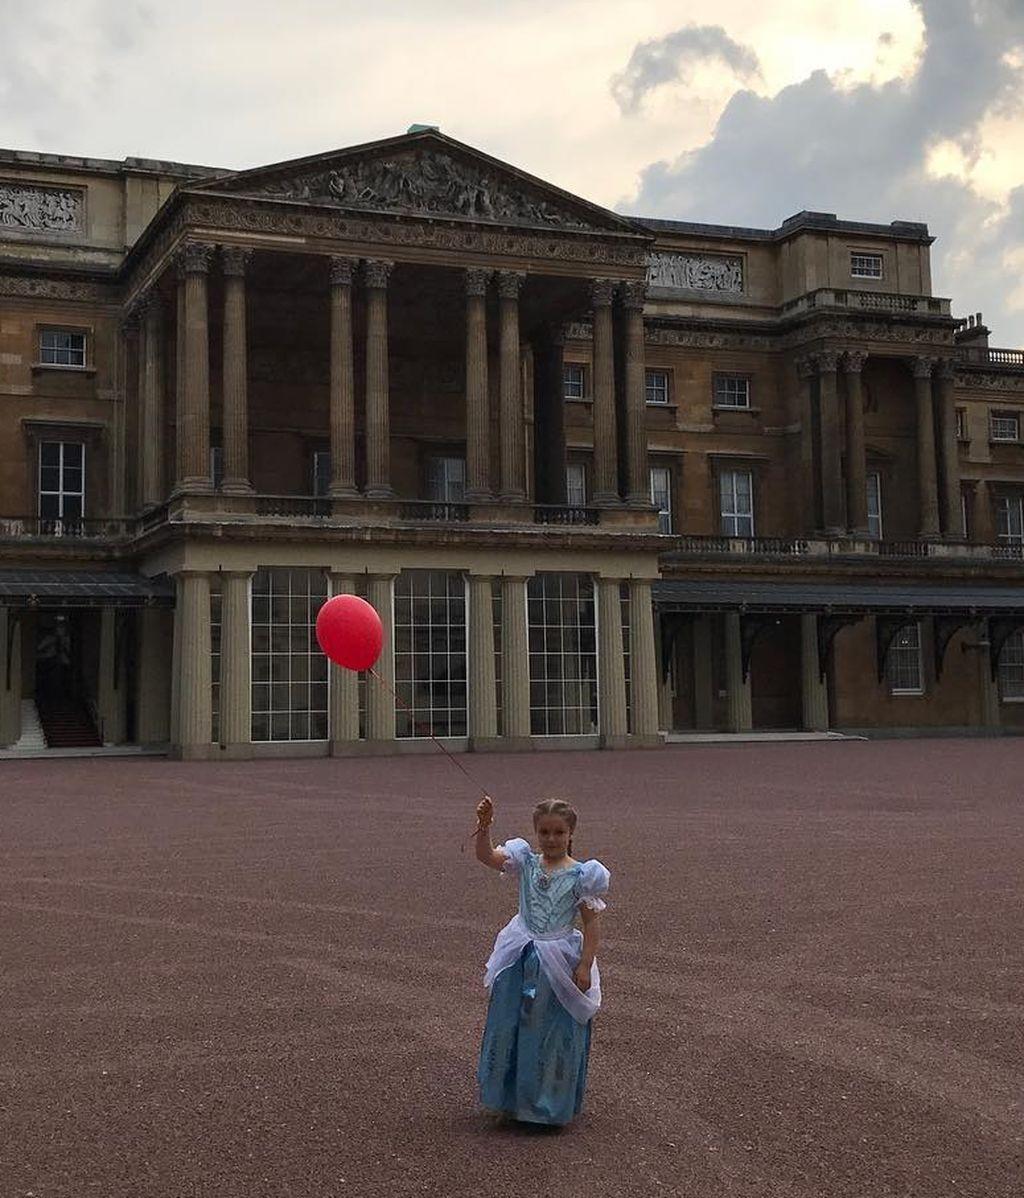 La hija de David Beckham, Harper, celebra su sexto cumpleaños en el palacio de Buckingham